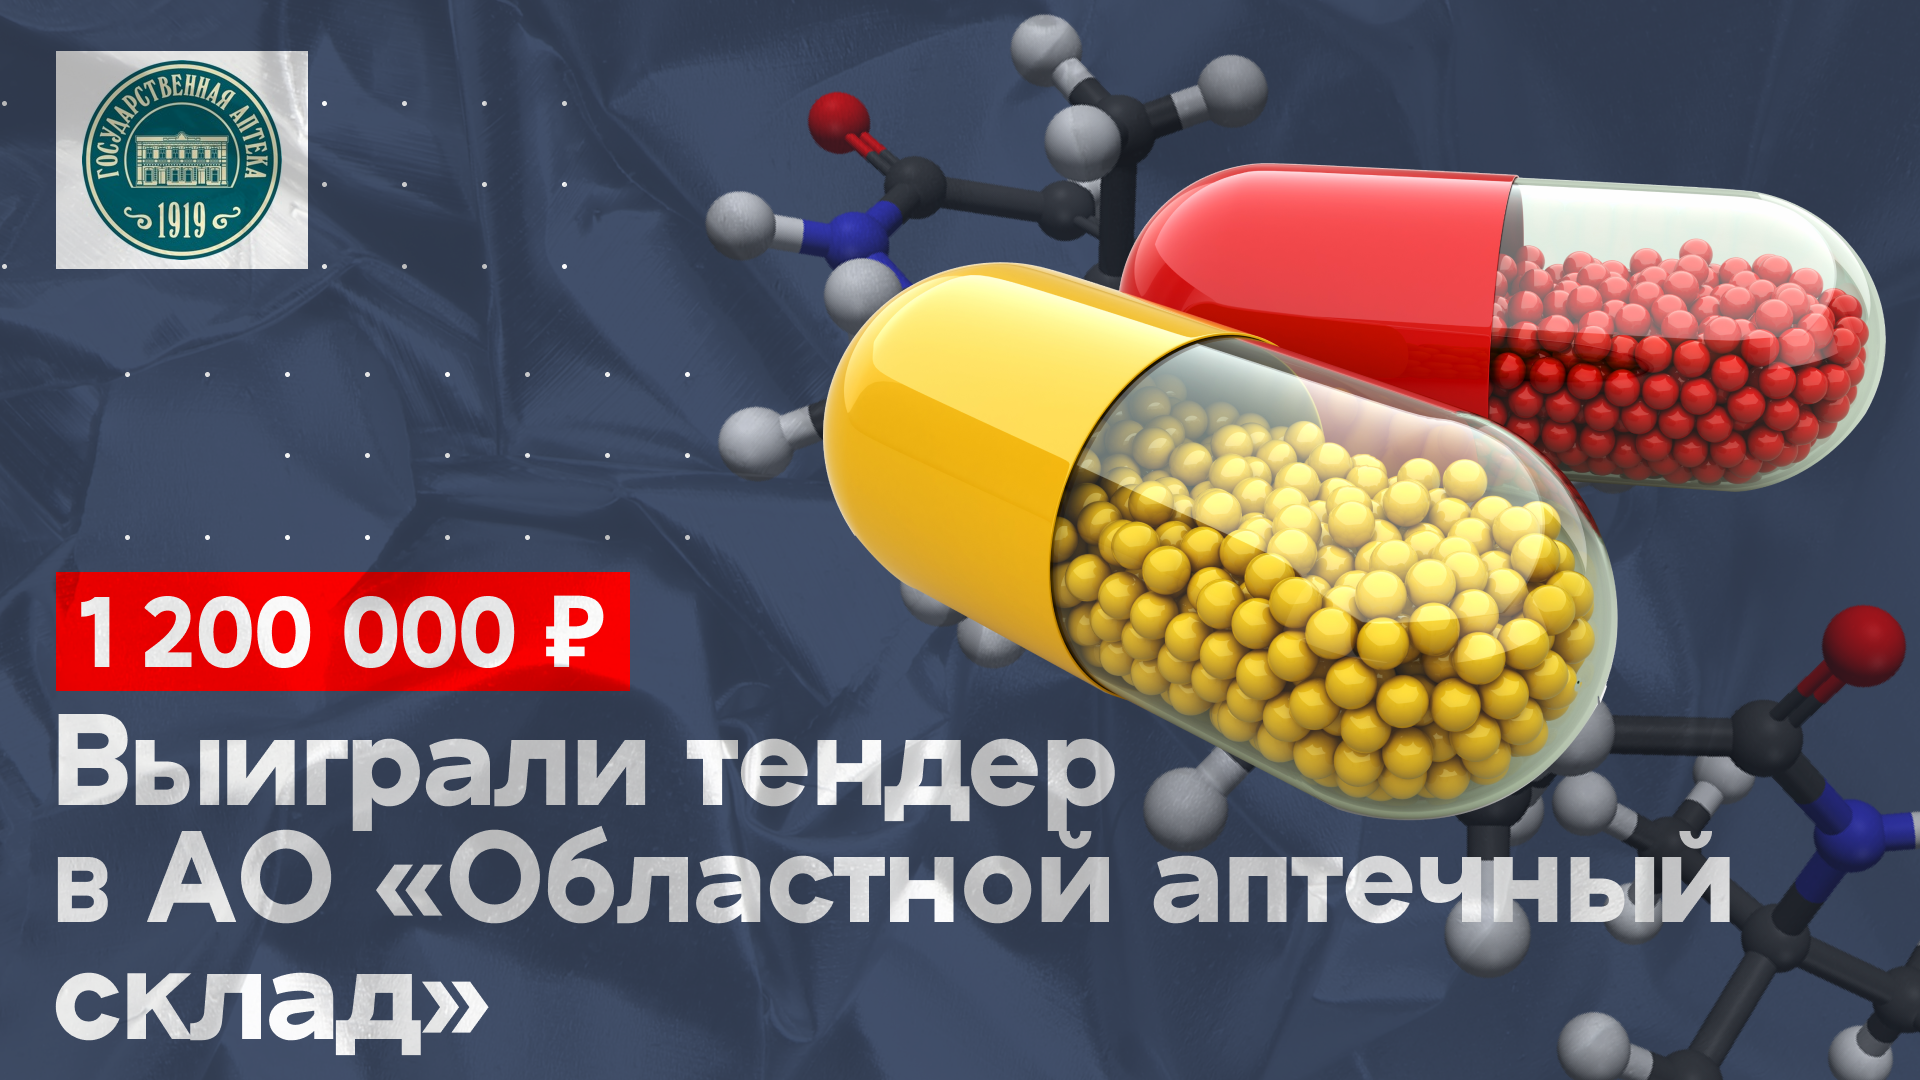 Выиграли тендер на сумму 1 200 000 руб. на поставку в АО «Областной аптечный склад»